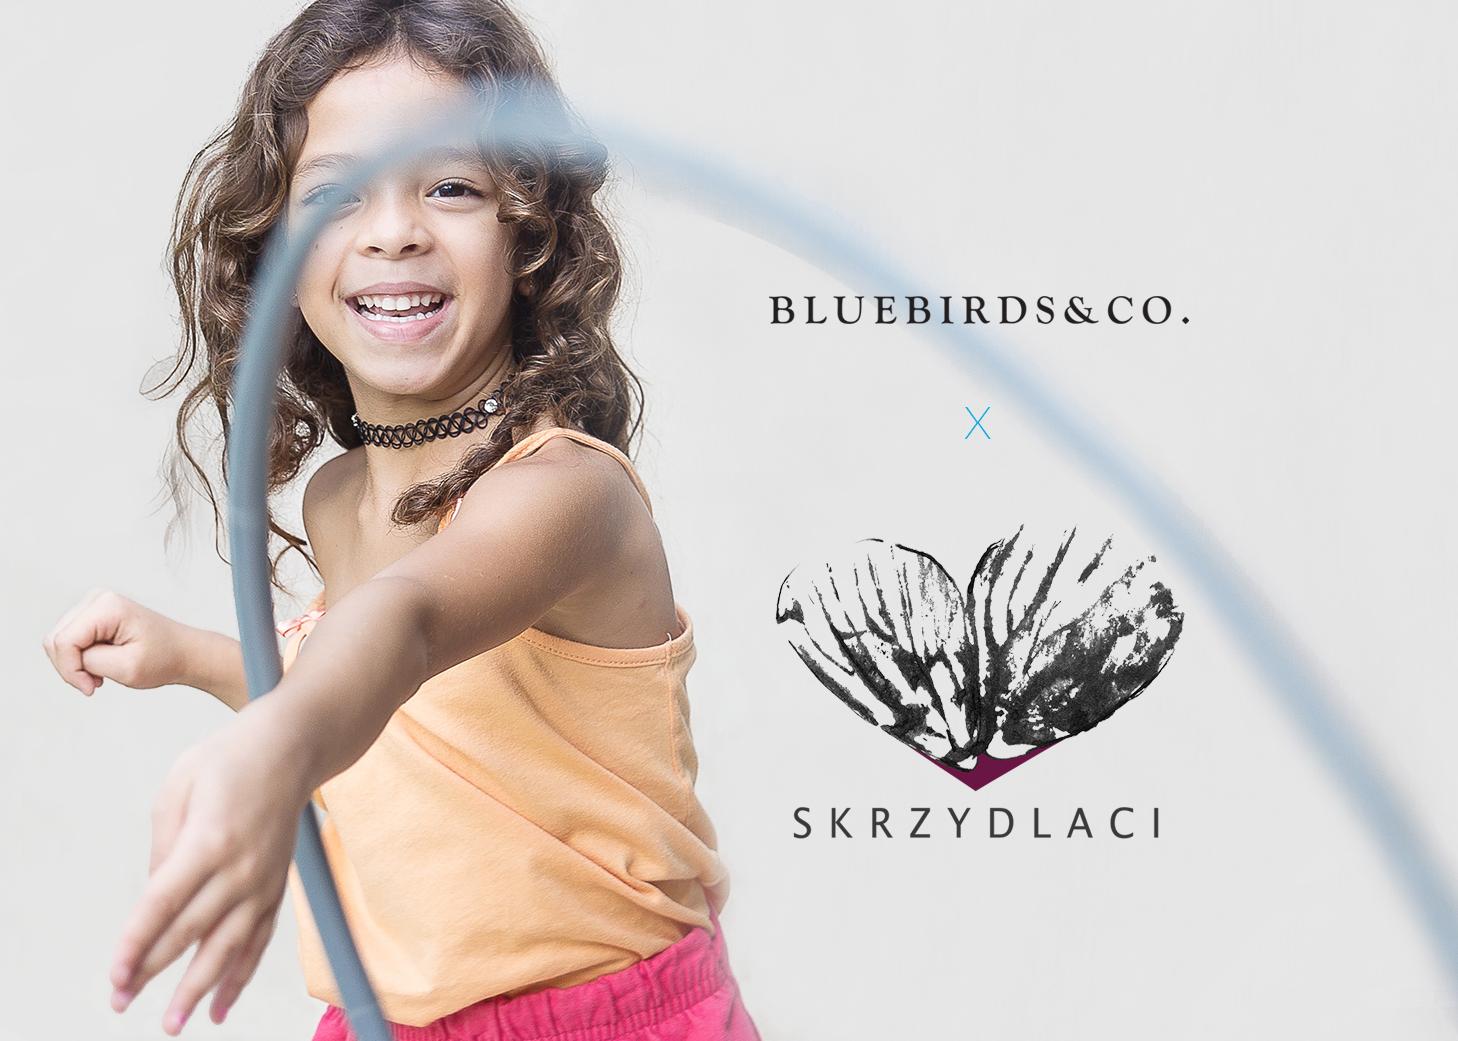 Wyjątkowa kolaboracja marki odzieżowej Bluebirds & Co. i Fundacji Skrzydlaci